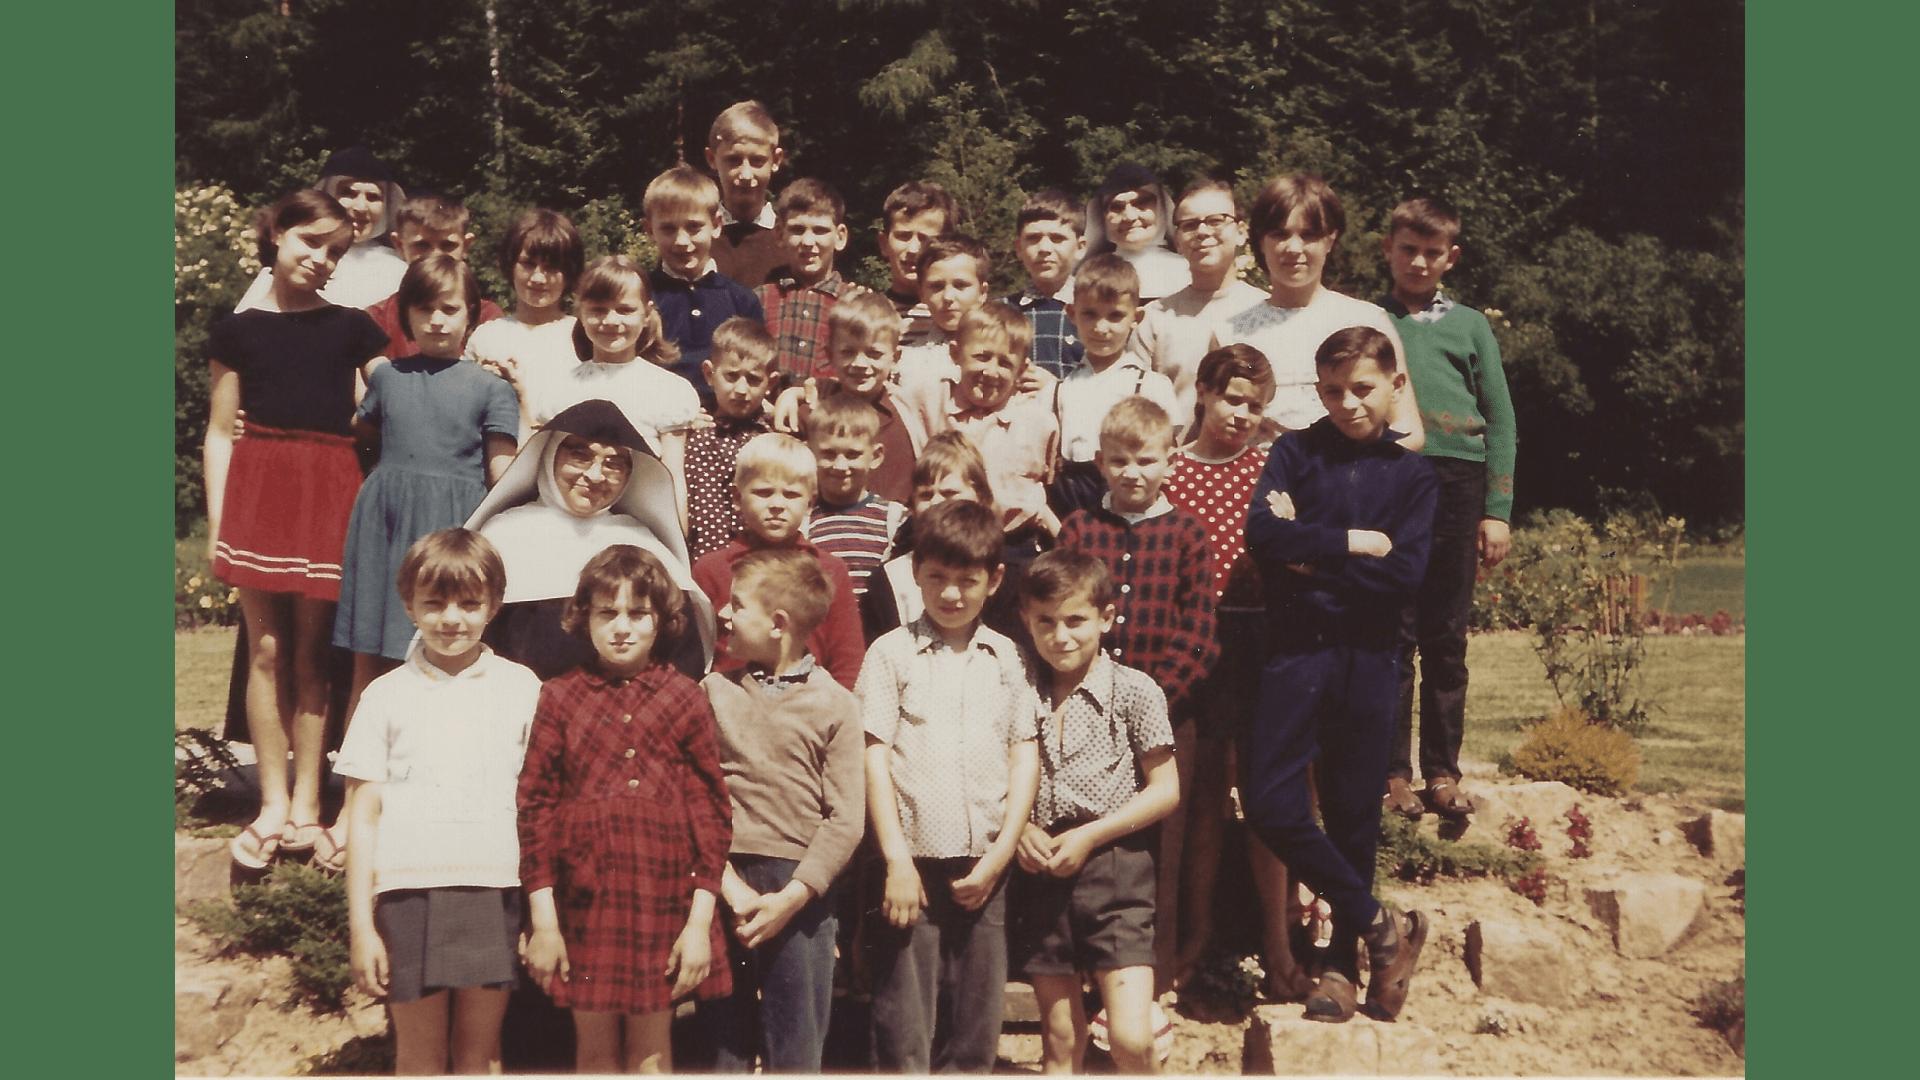 Die erste gemischte Gruppe im Jahr 1966/67. Foto: Archiv Arme Schulschwestern